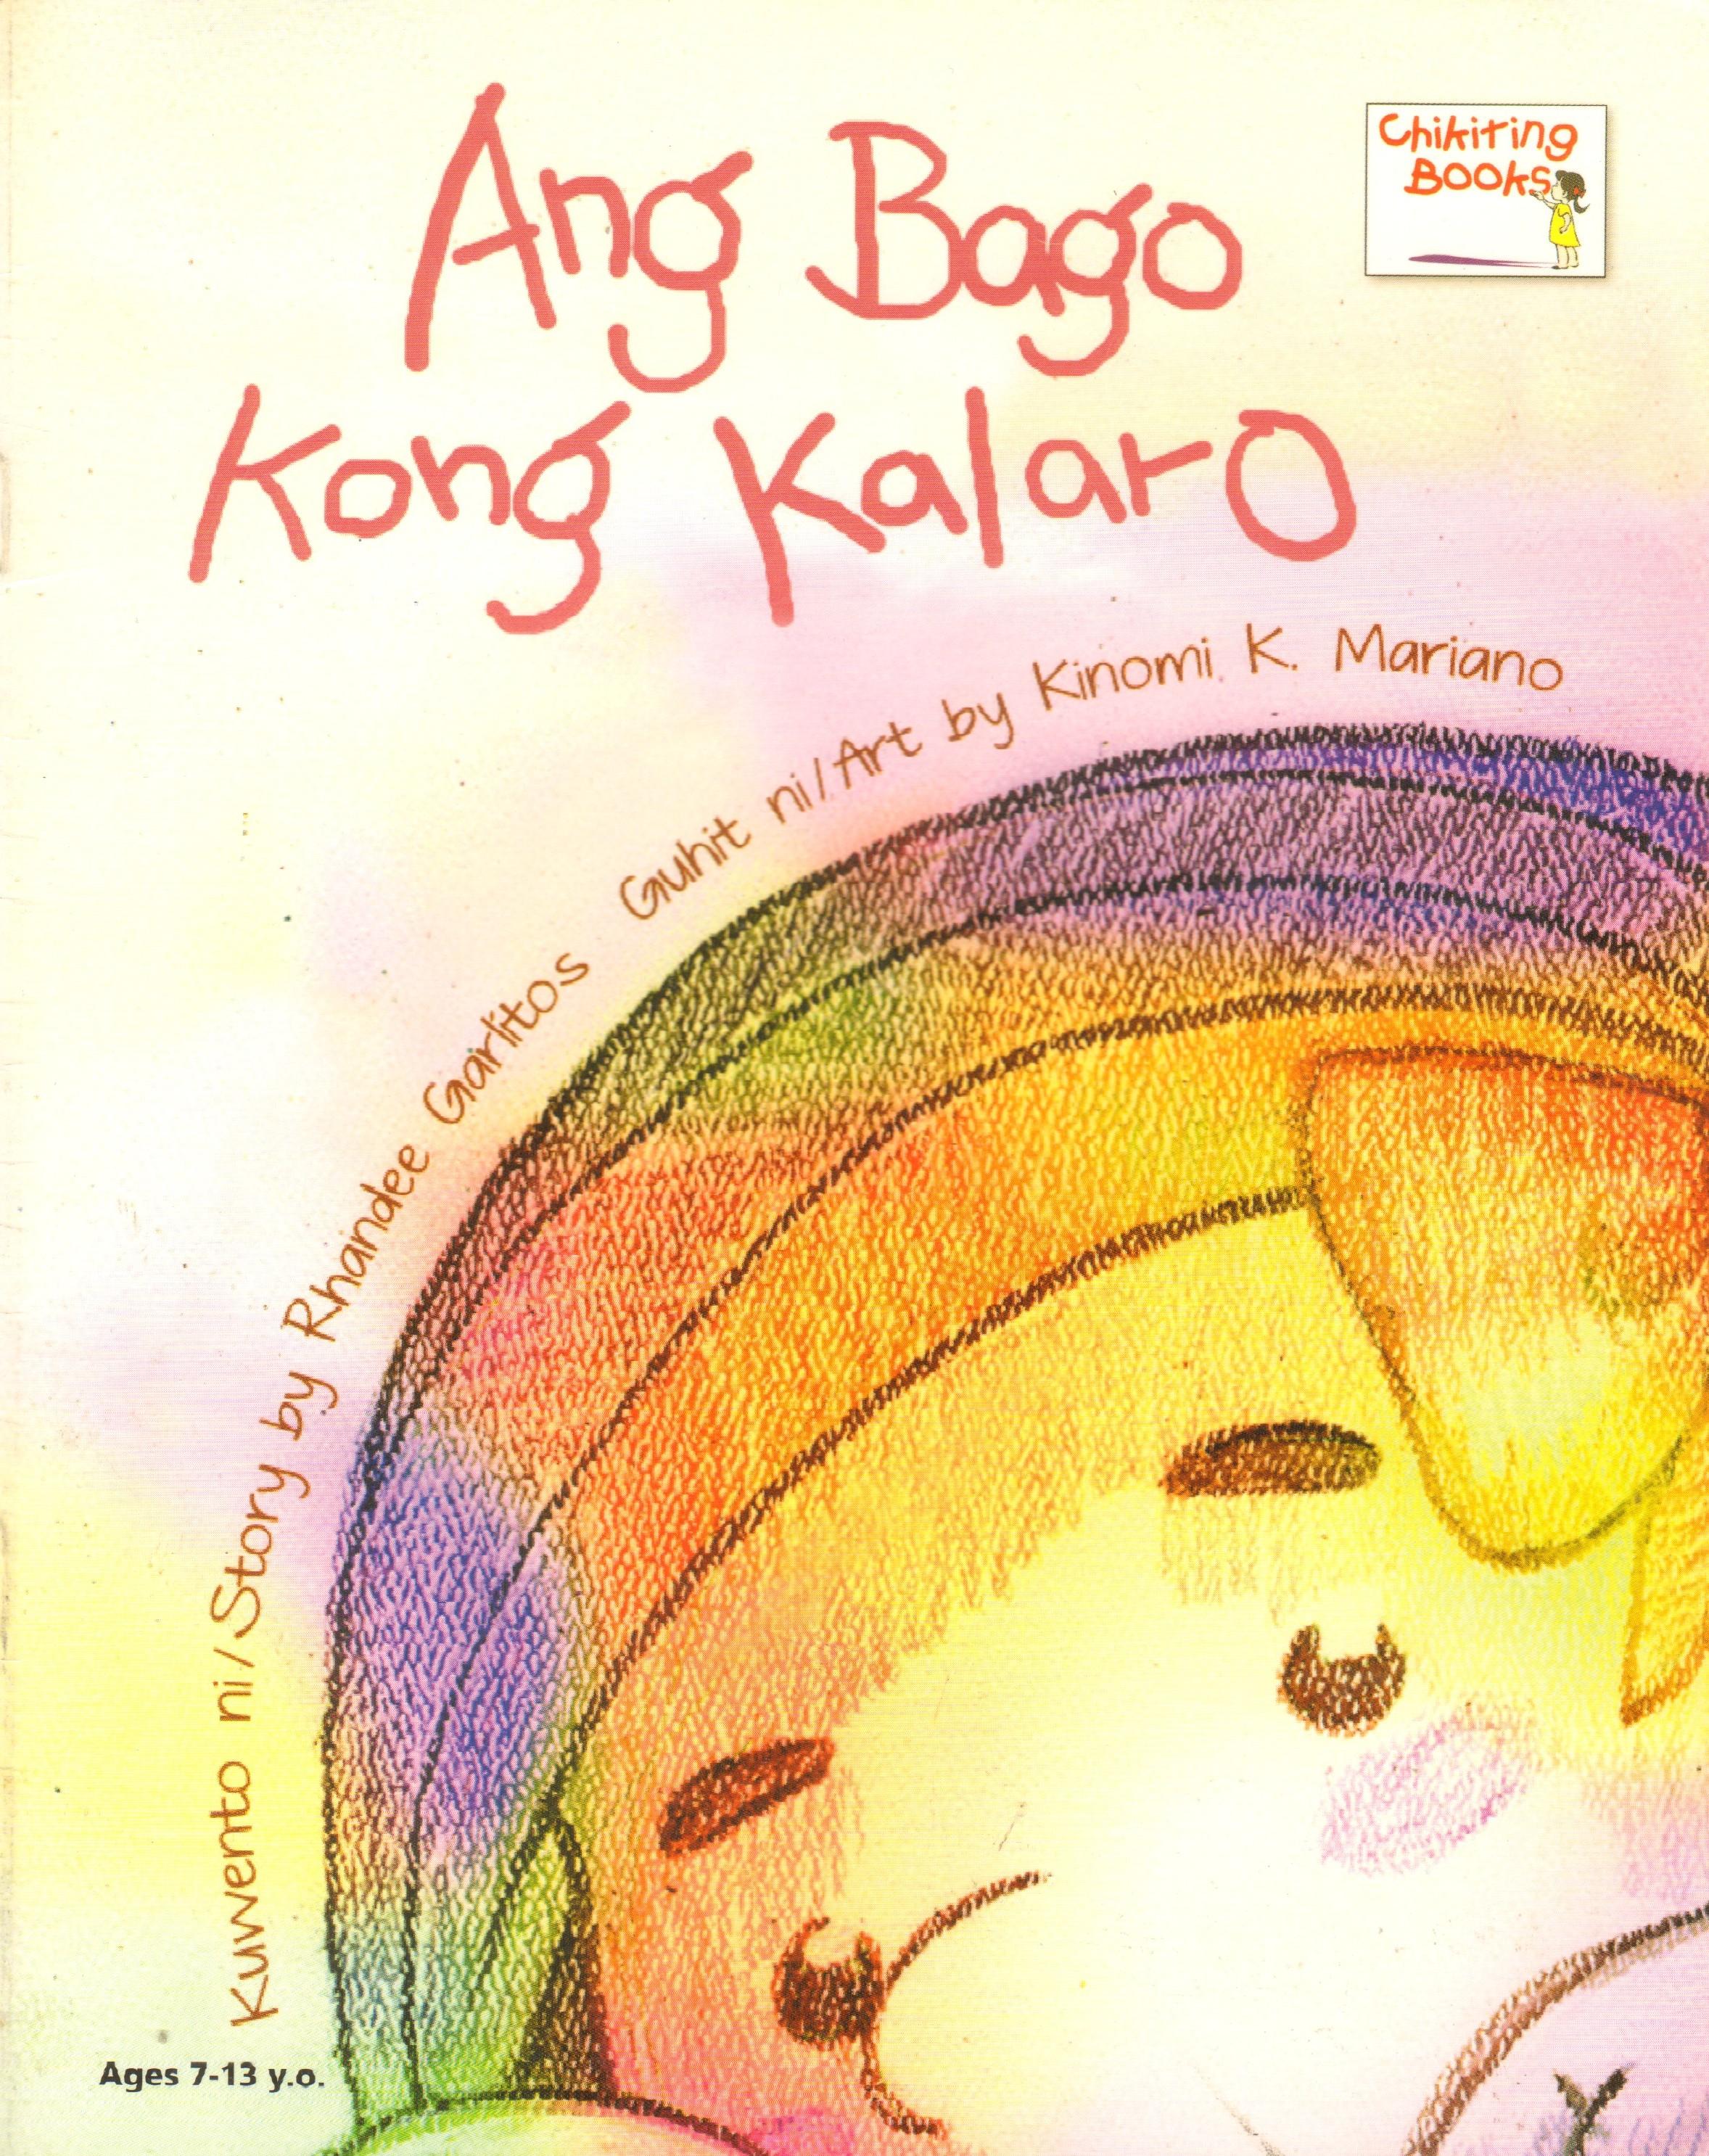 Ang Bago Kong Kalaro